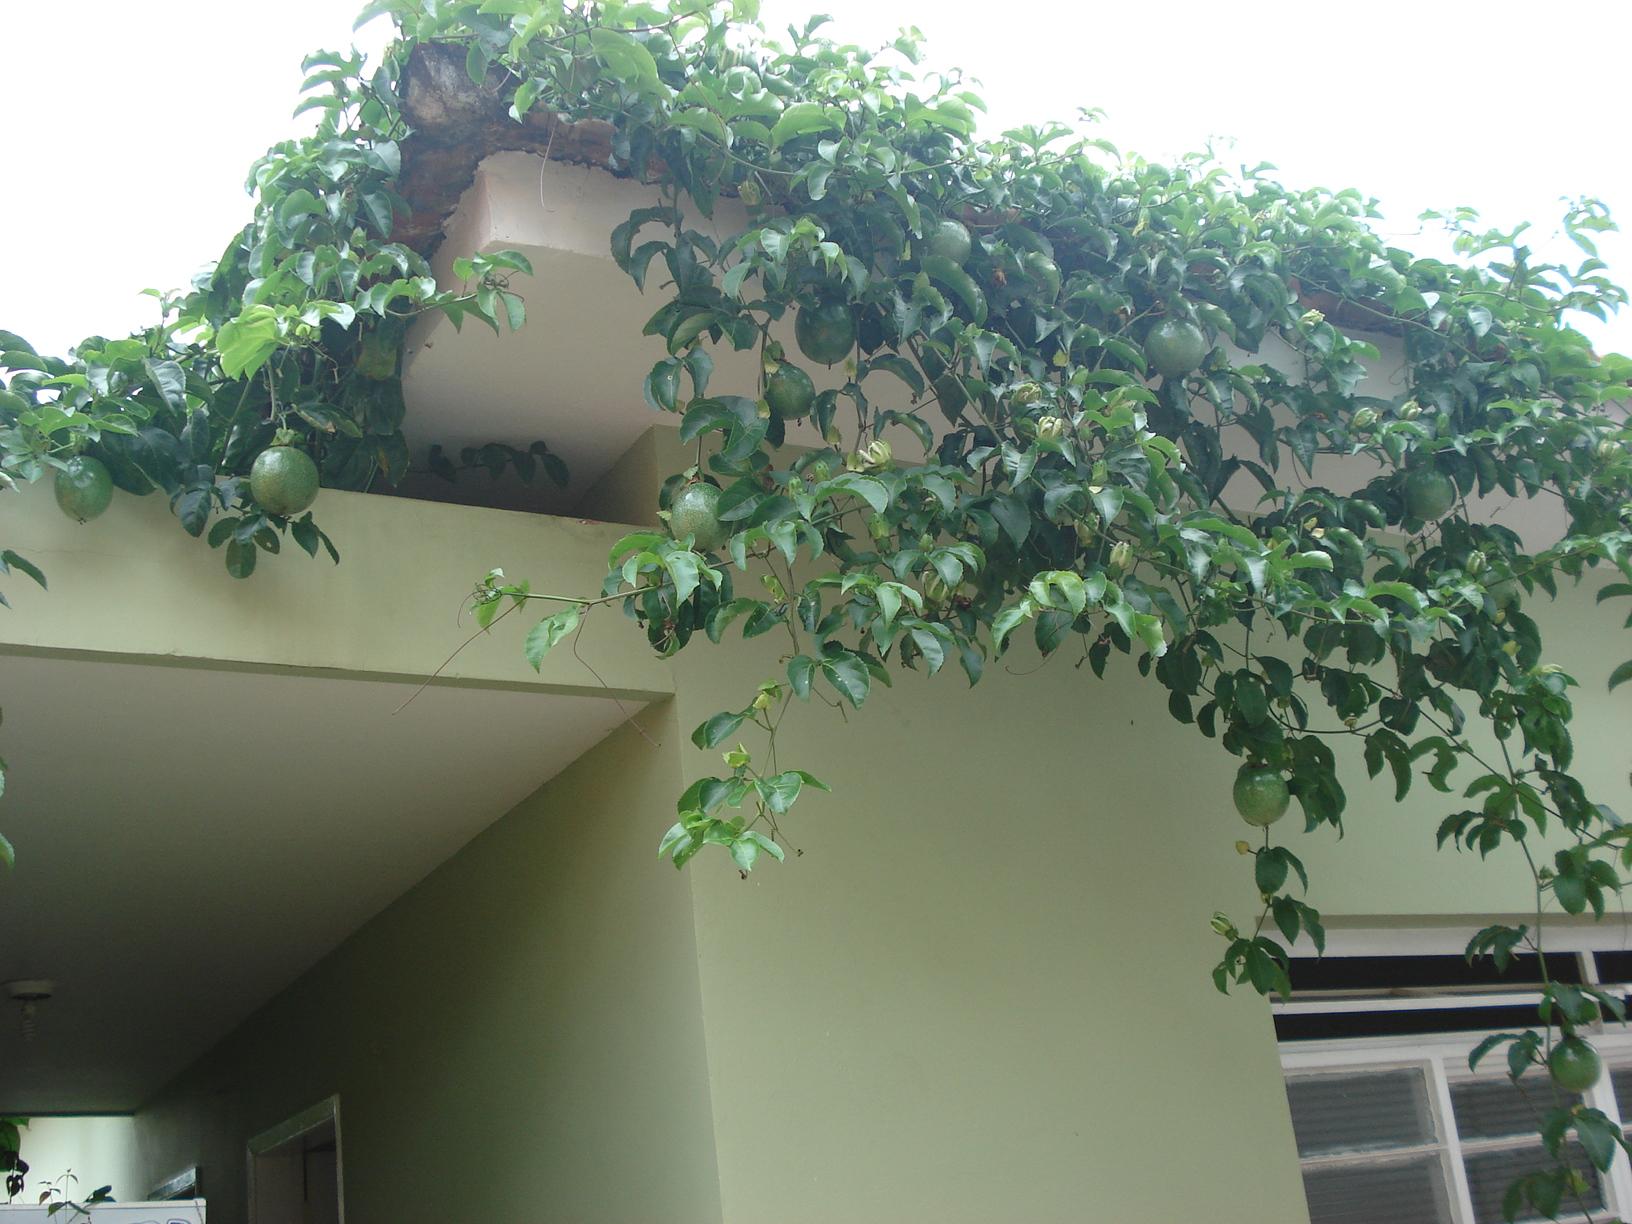 O maracujá-azedo pode ser utilizado como trepadeira ornamental, ele apresenta uma folha bonita e uma belíssima flor perfumada, além de tudo isso produz frutos comestíveis.